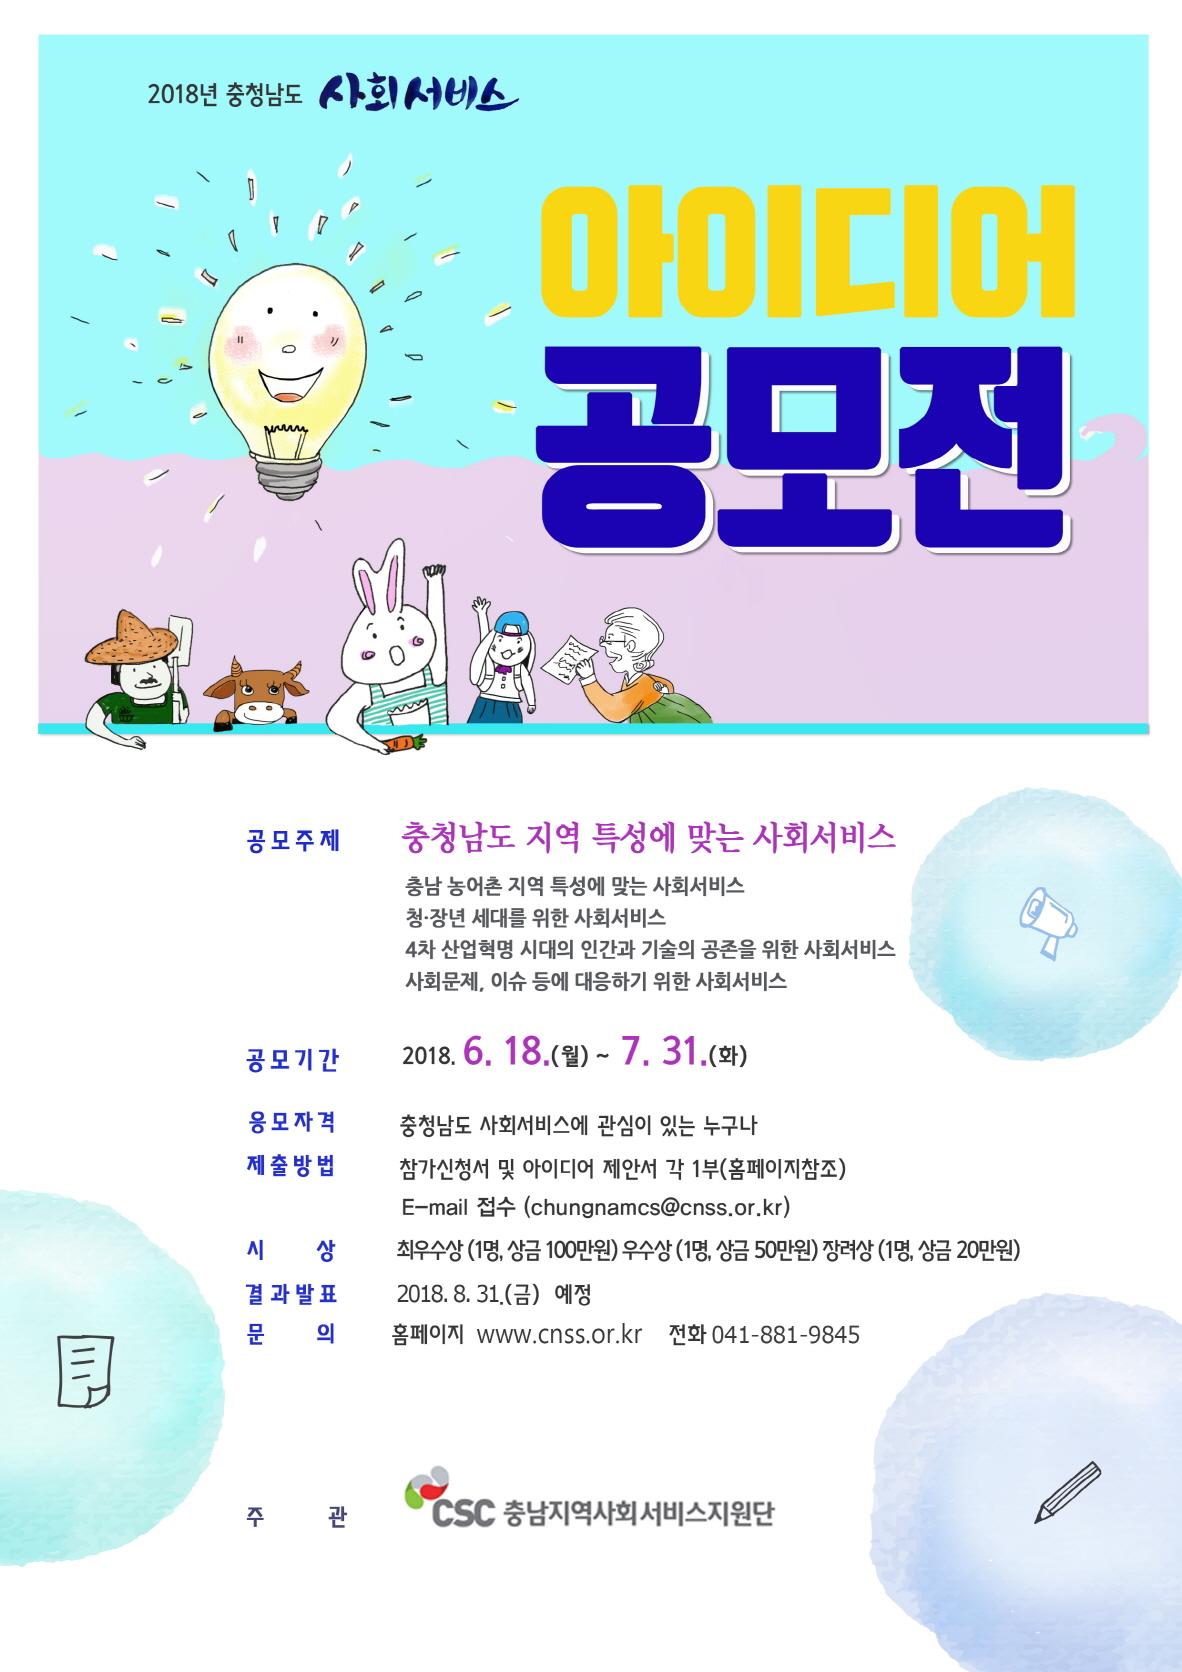 2018년 충청남도 사회서비스 아이디어 공모전 개최